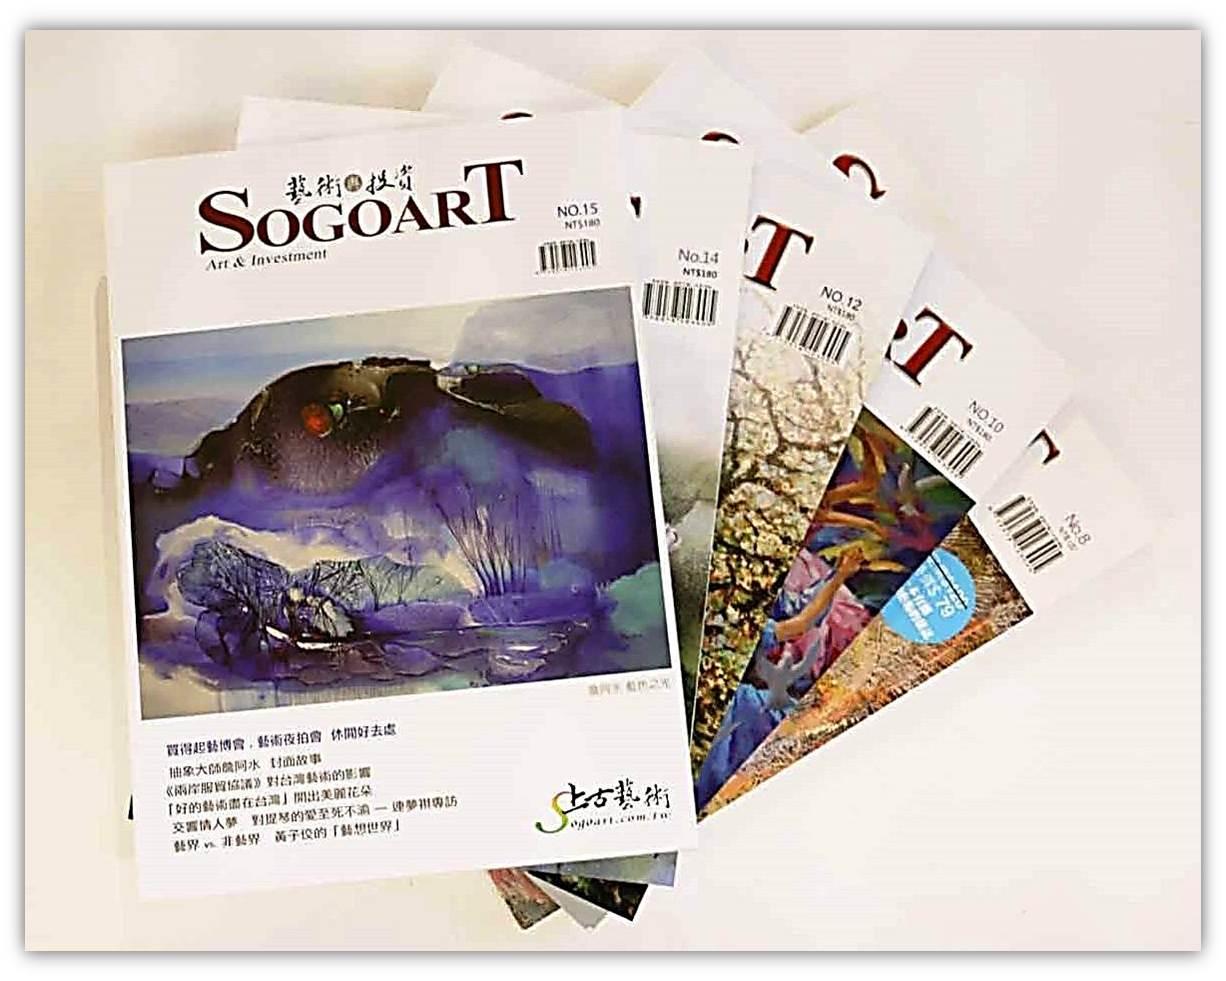 藝術家不可不知 Sogoart藝術與投資雜誌